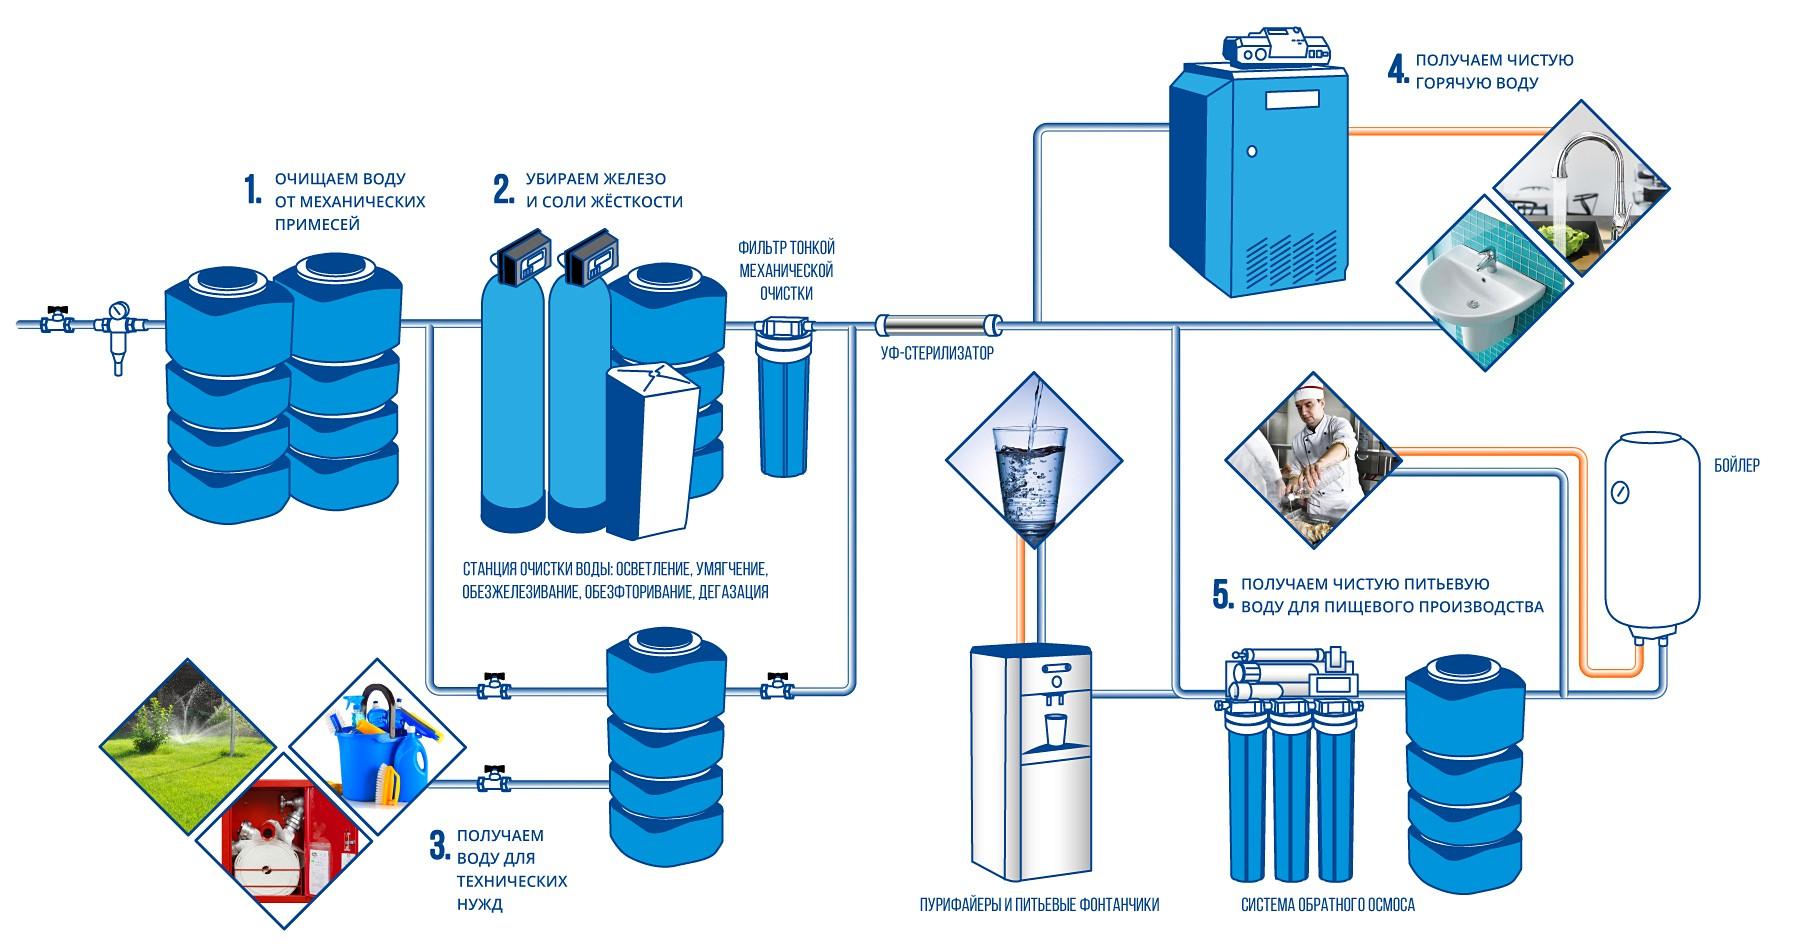 Схема водоподготовки для образовательных учреждений